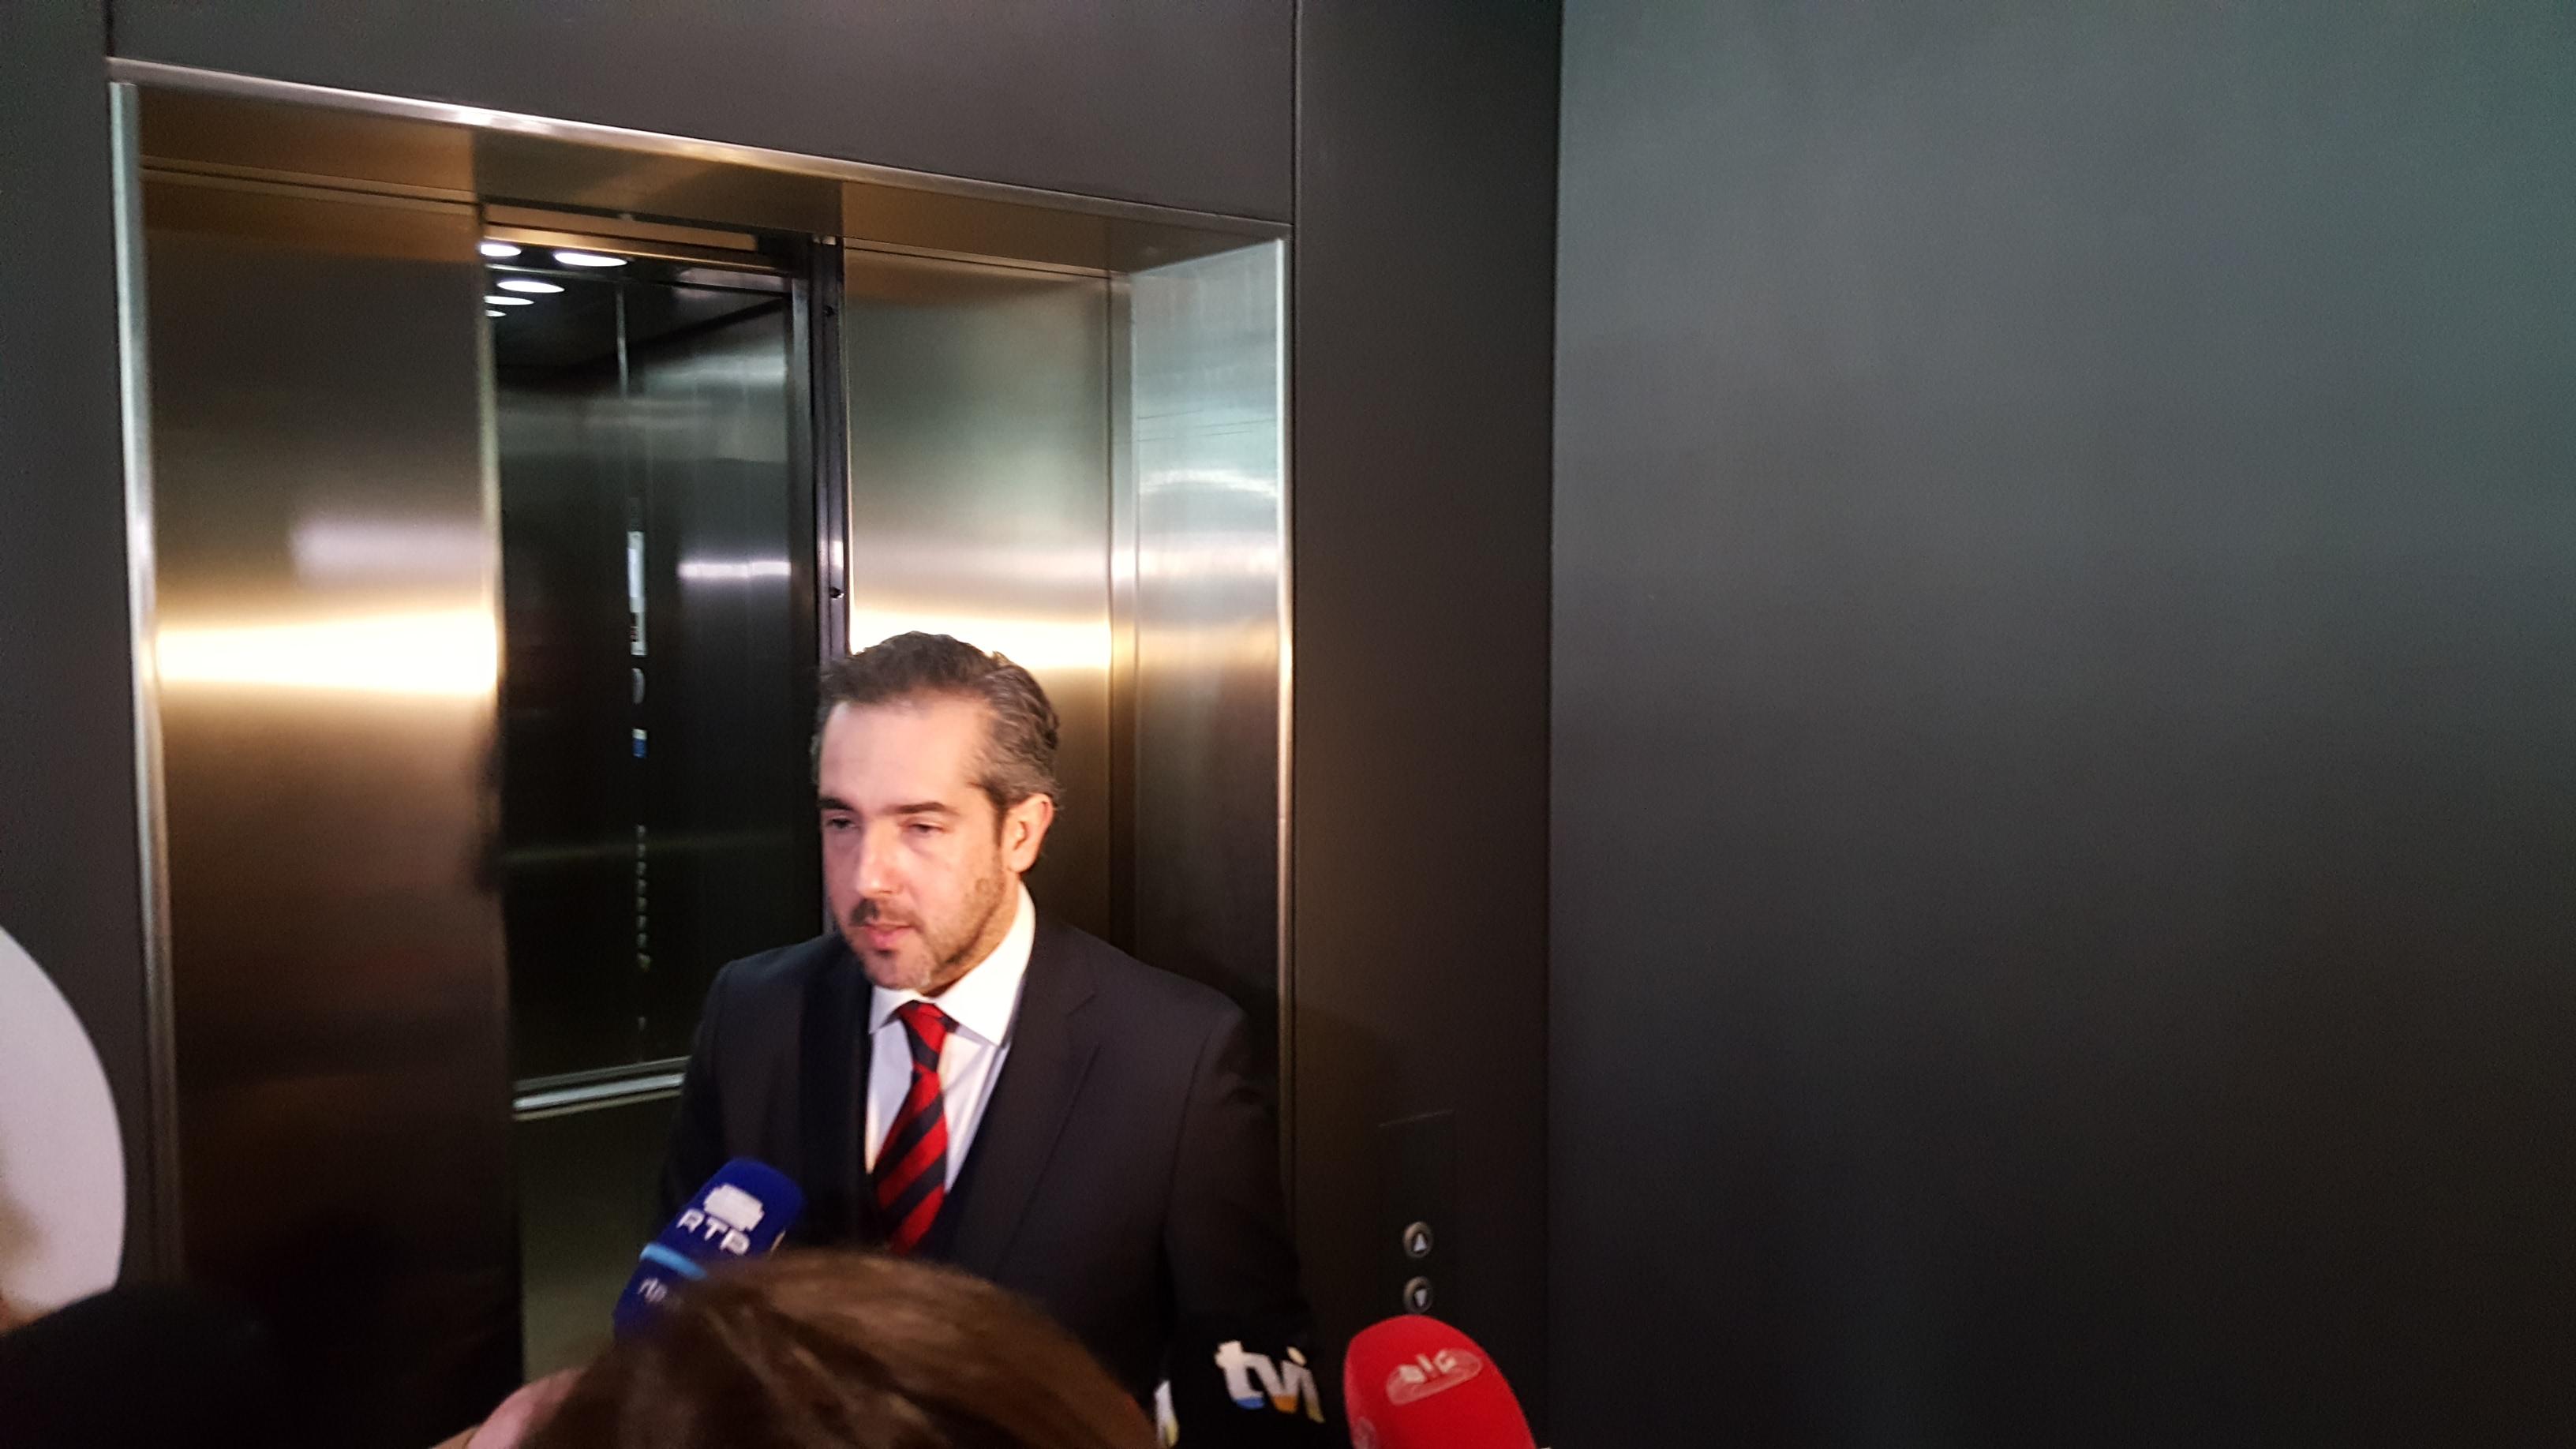 Operação Fizz: Inquirição presencial de banqueiro Carlos Silva é